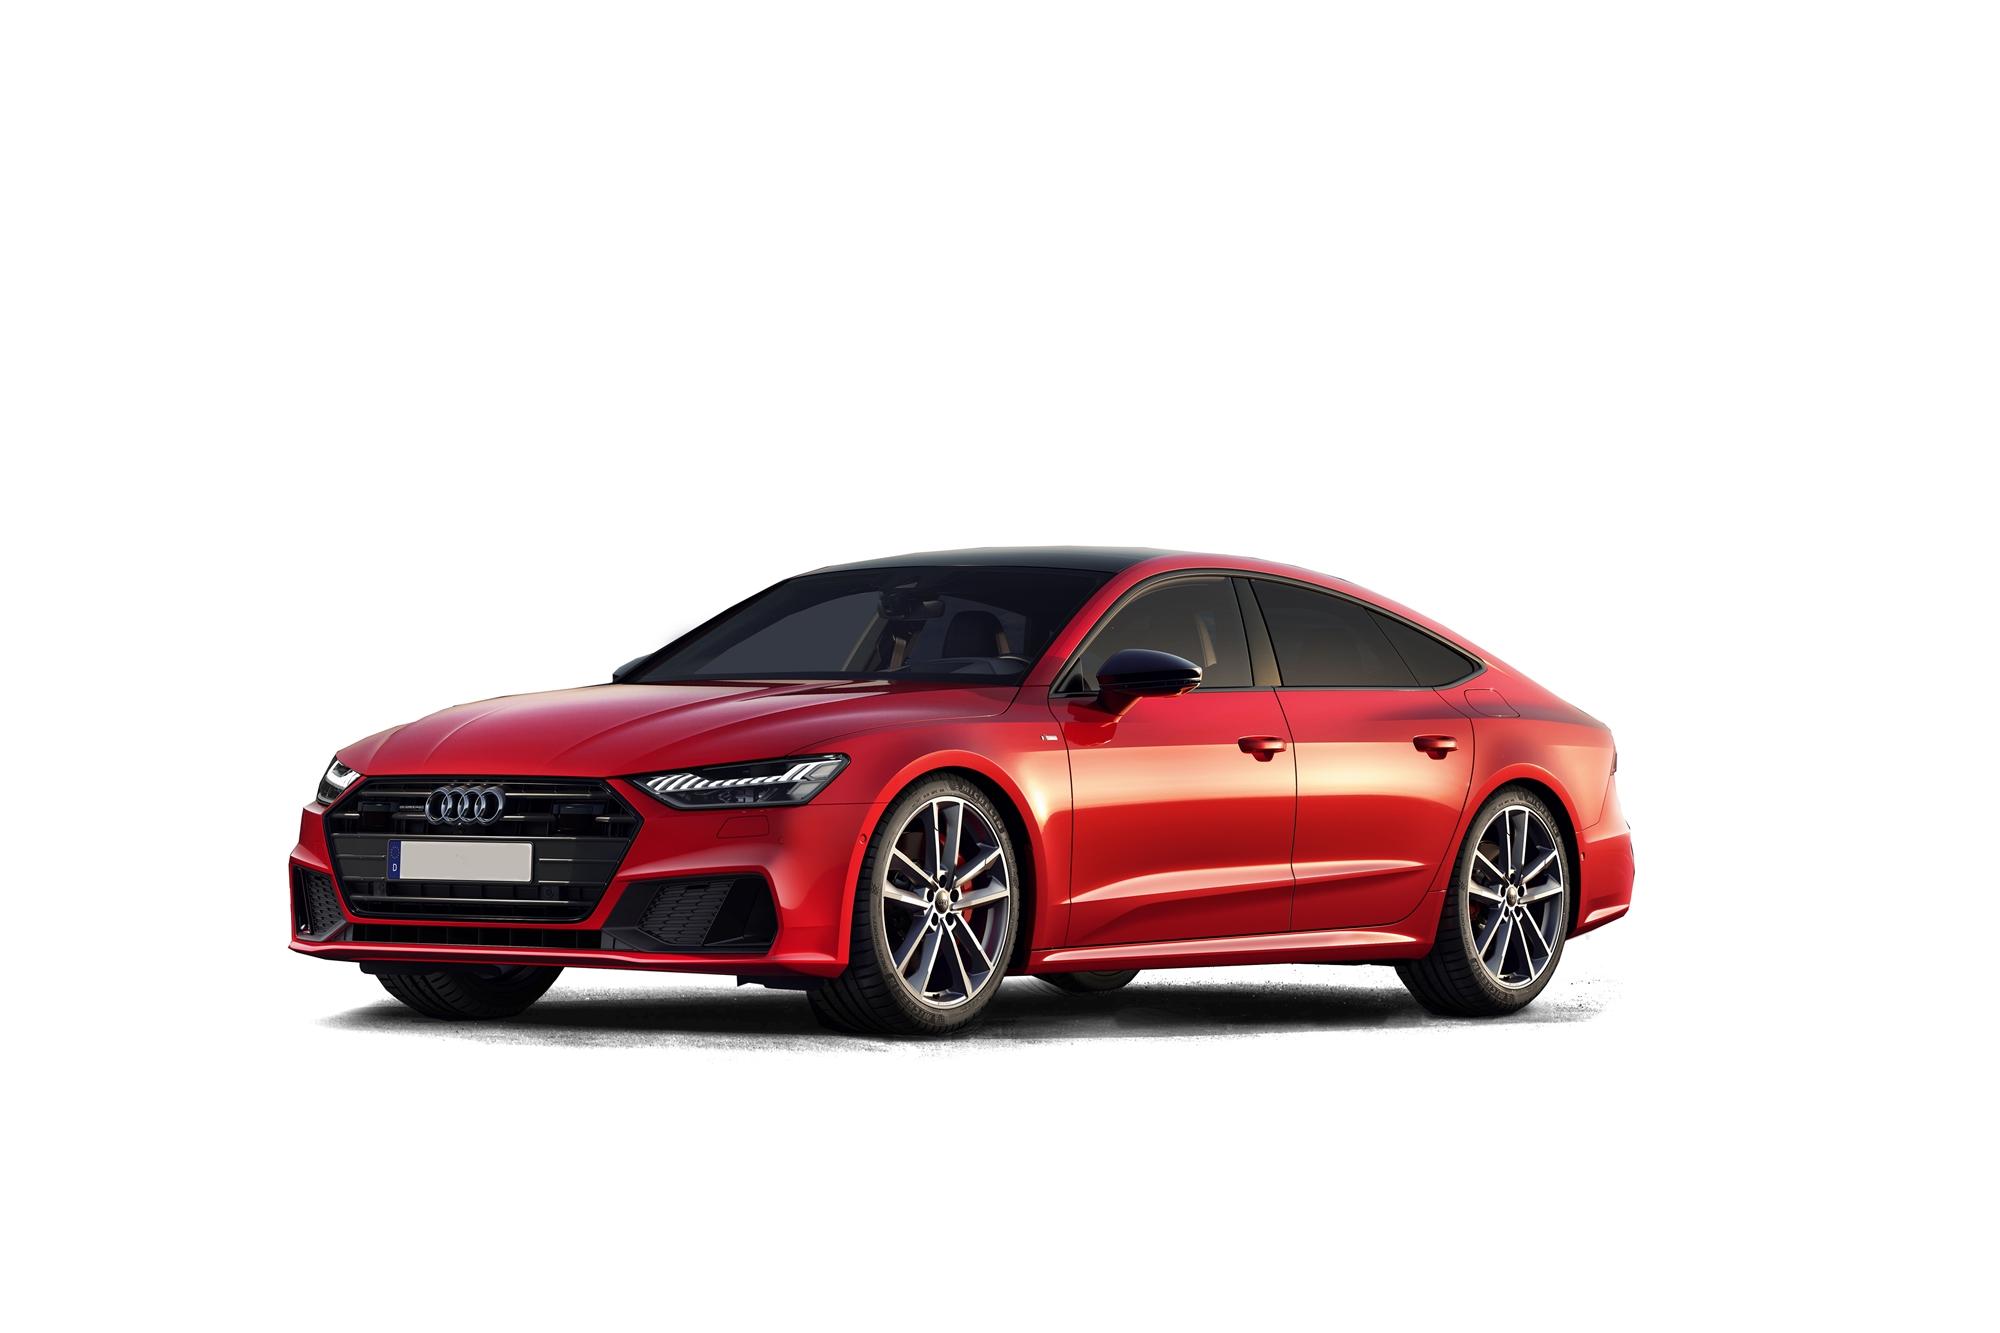 2021 Audi A7 Hybrid Premium Plus Full Specs, Features and ...